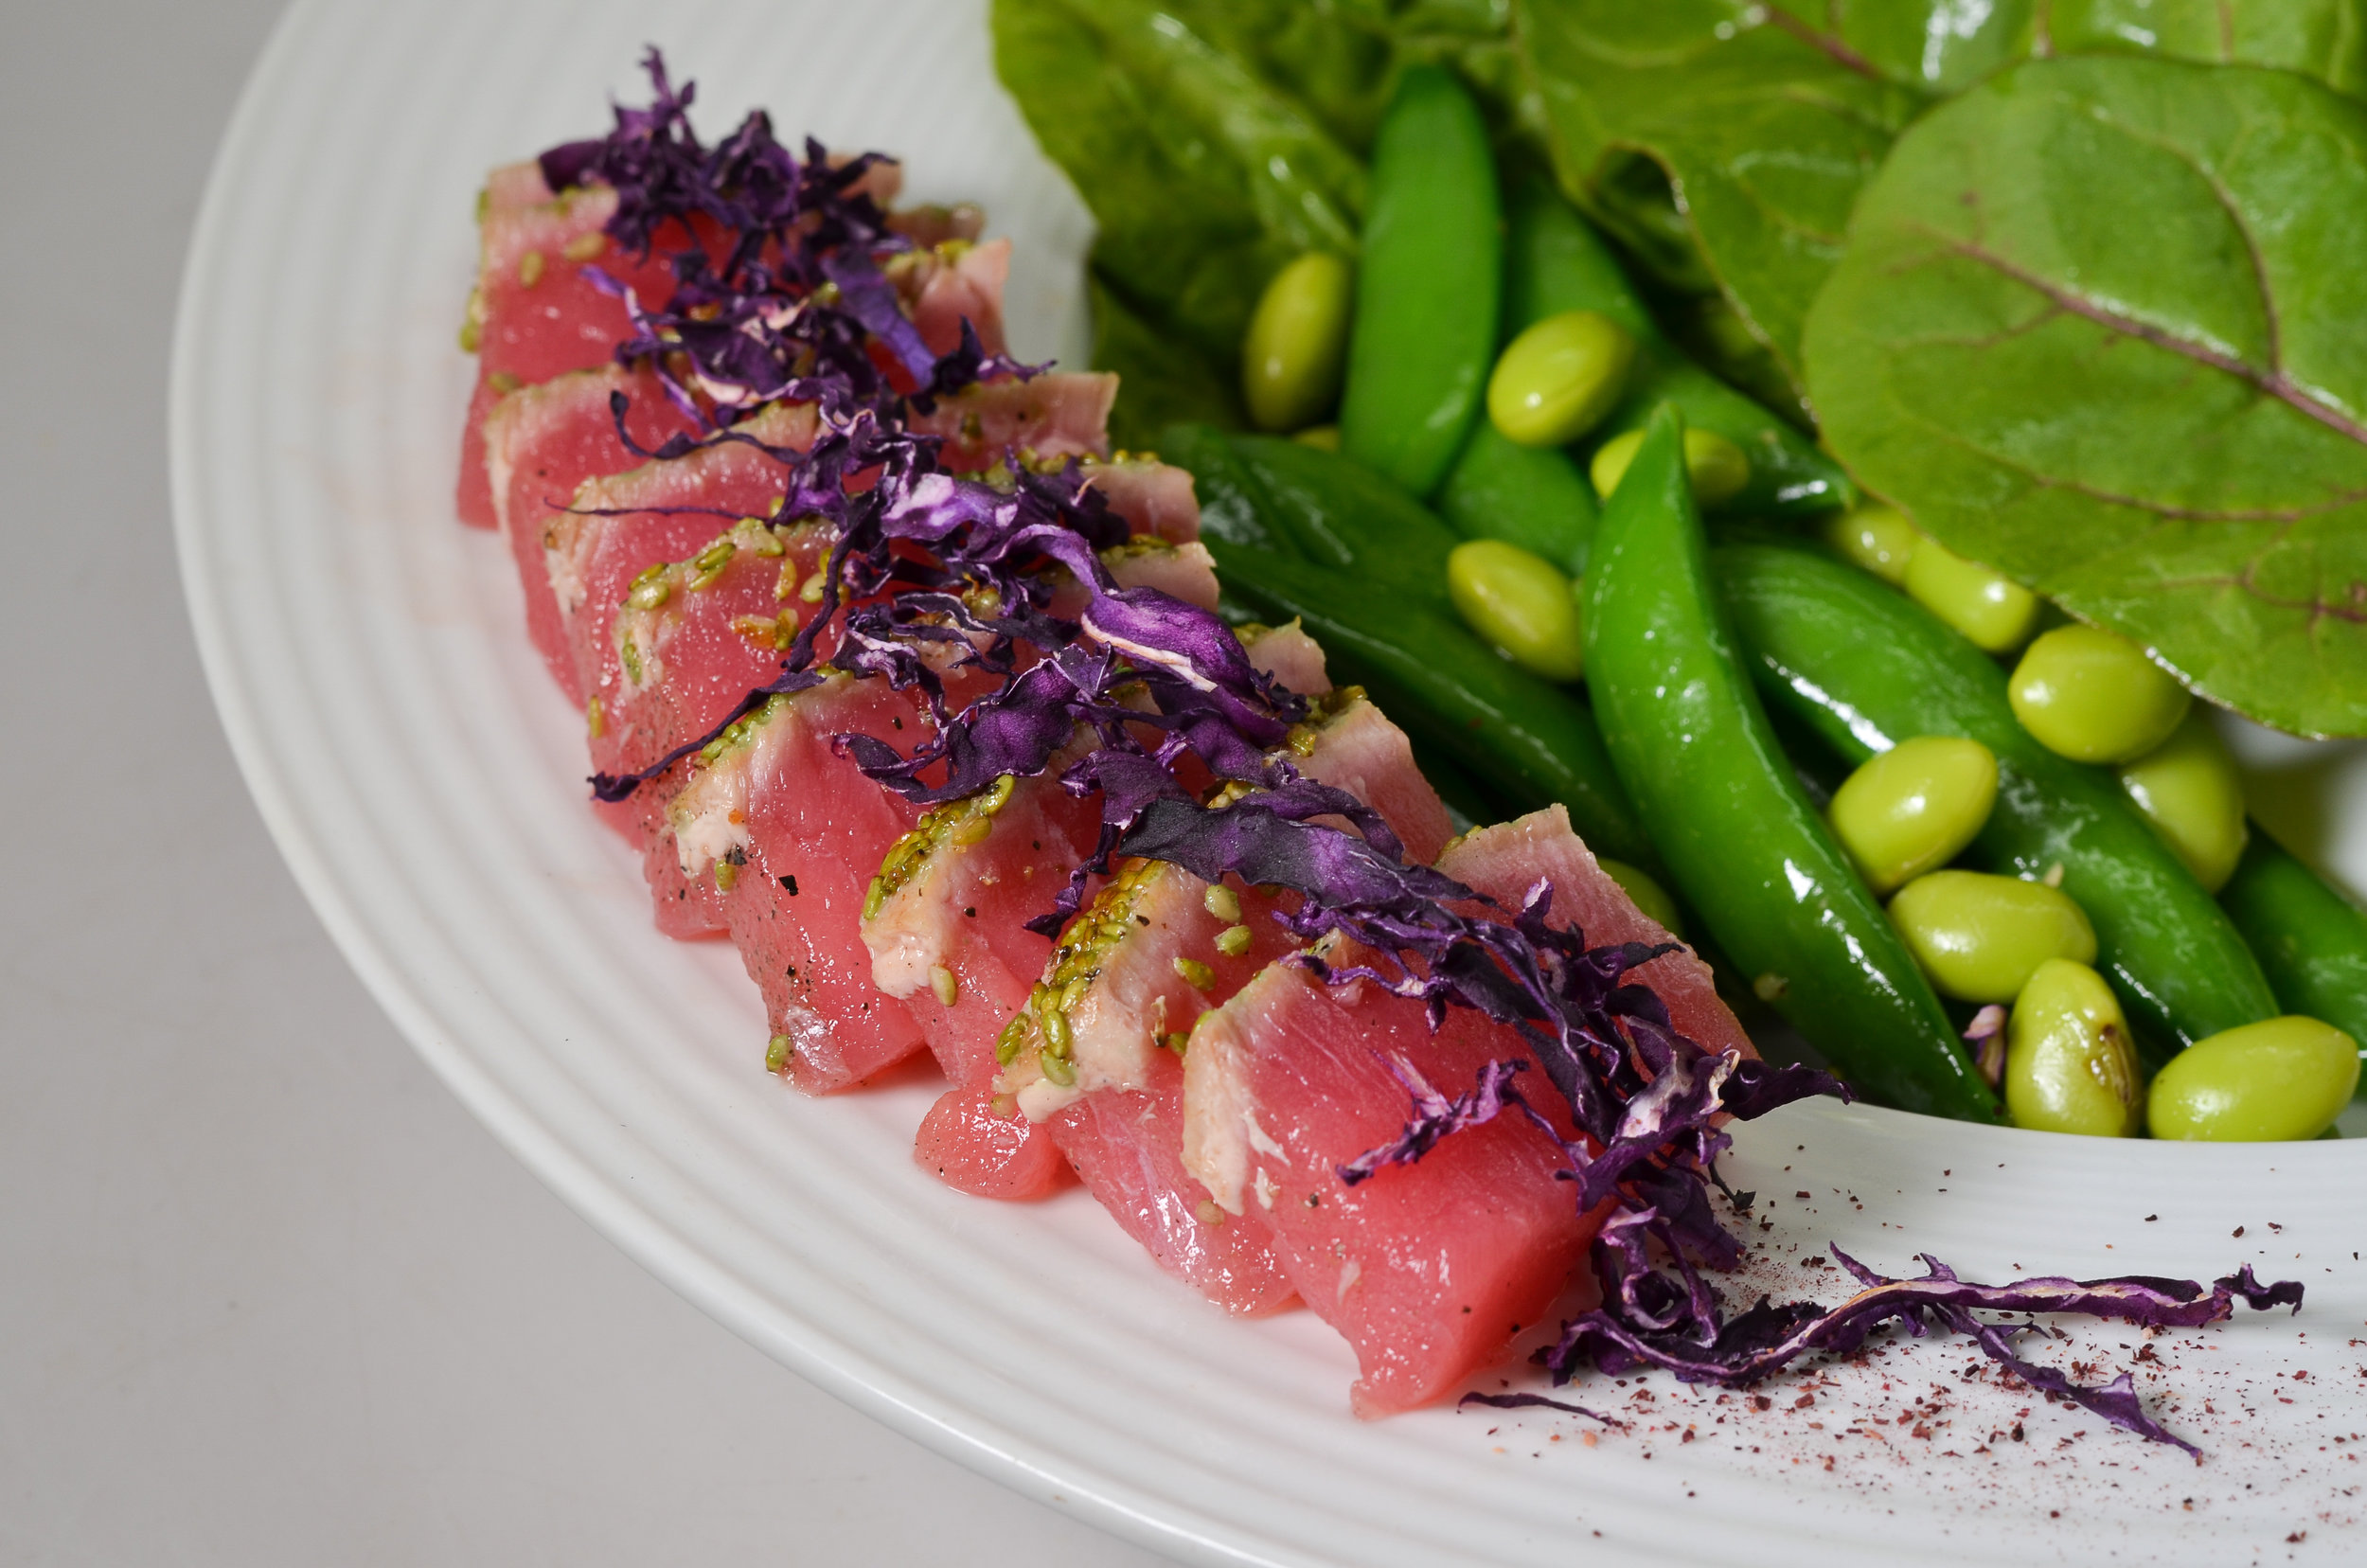 ensalada asiatica.jpg